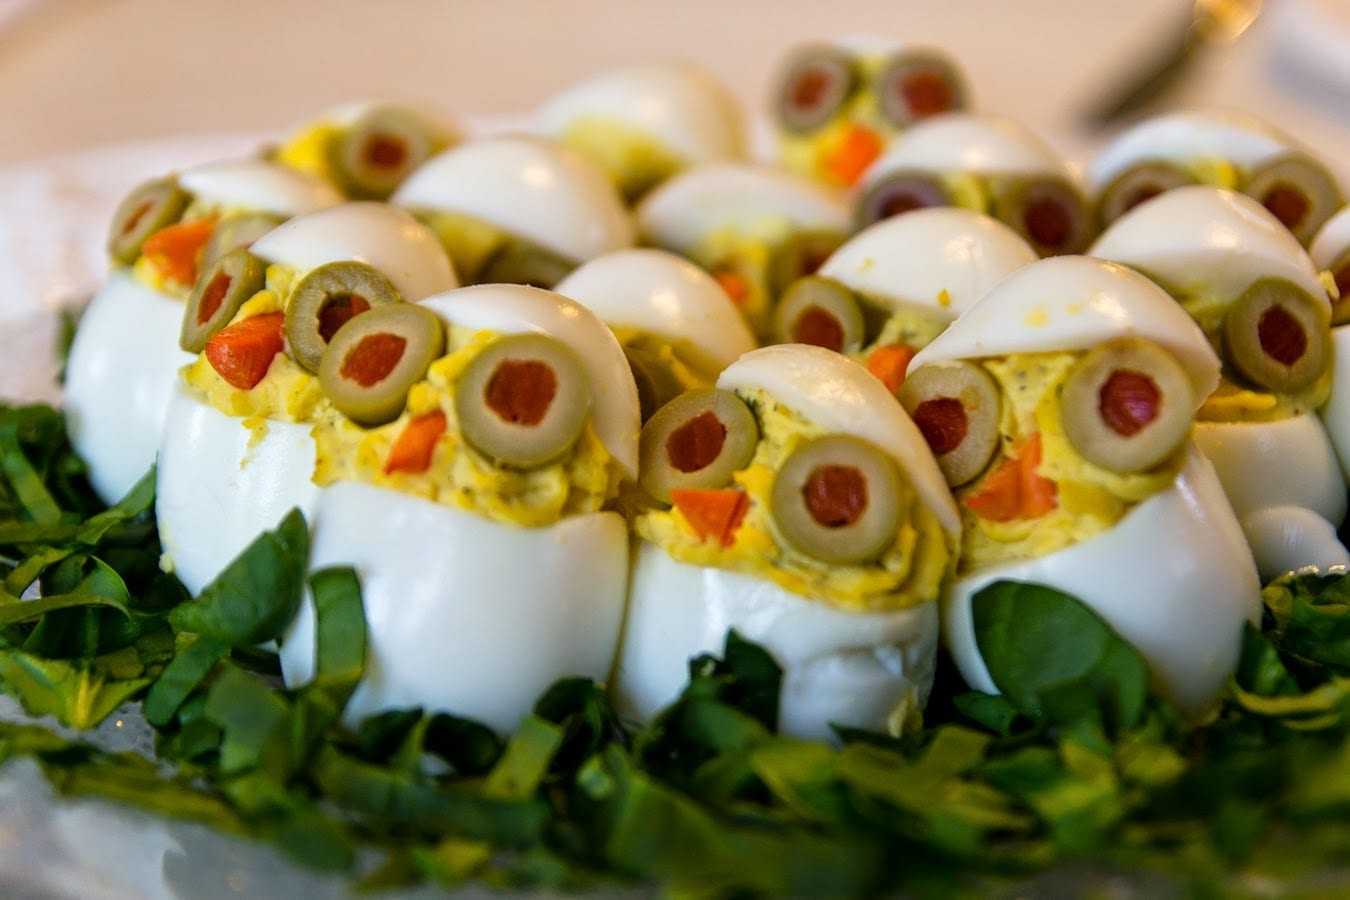 kreative kinder geburtstagsparty essen idee und essen-dekoration mit vogel-häppchen aus gefüllten eiern